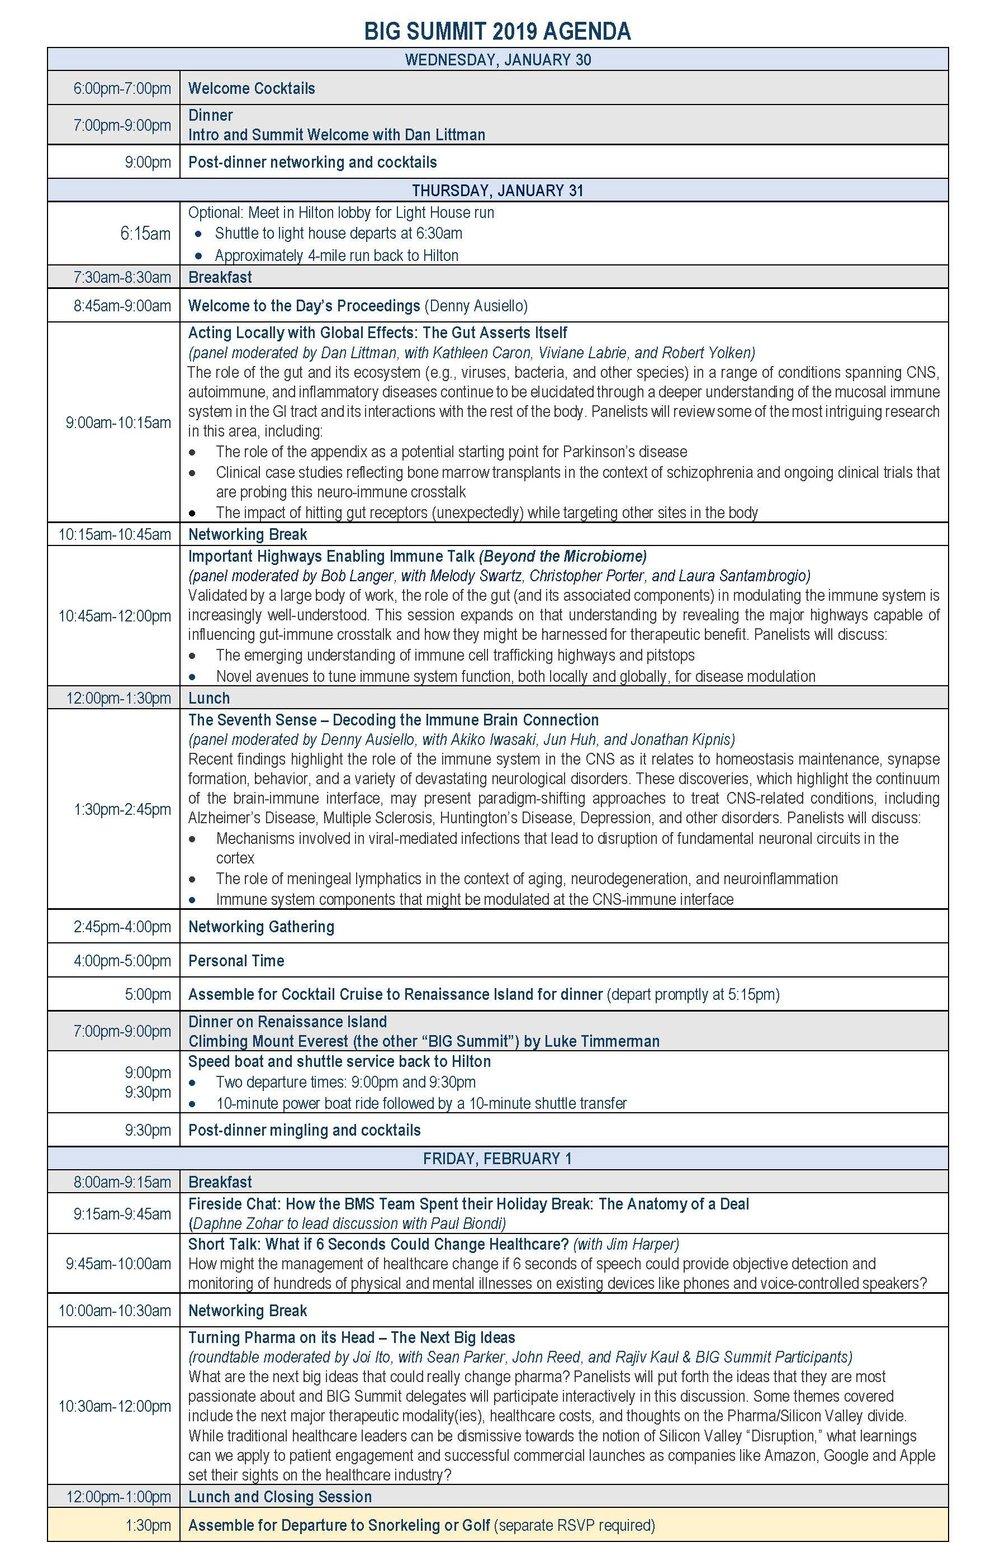 PureTech Health BIG Summit 2019 Agenda_FINALv2_WEBSITE.jpg